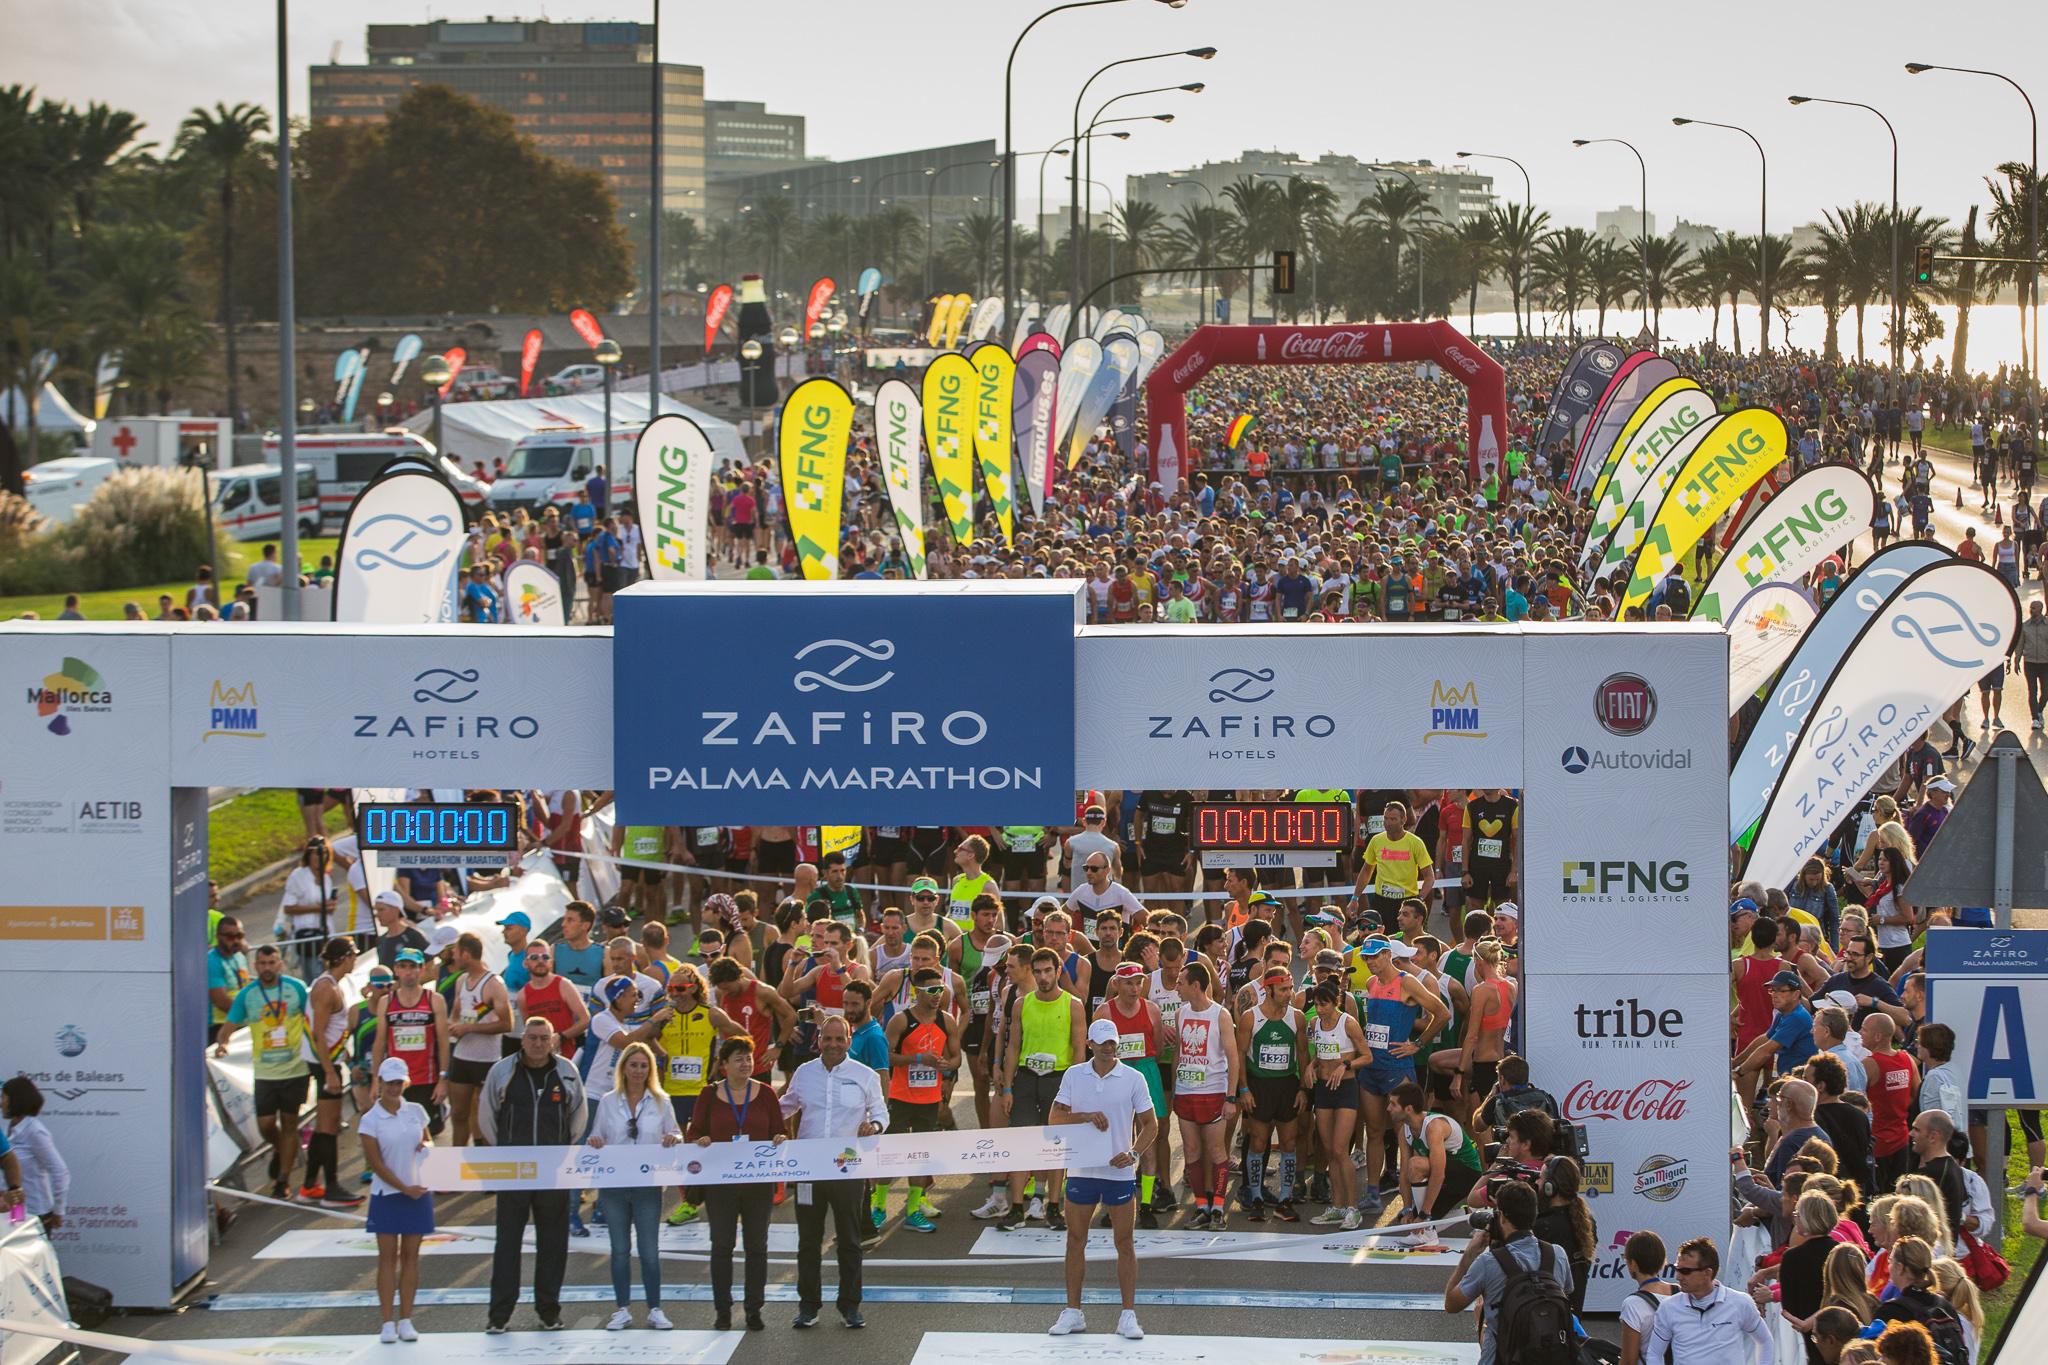 Maraton Palma 2018 ha reunidounos 10.000 corredores en sus tres distancias: 10km, Media Maratón y Maratón.